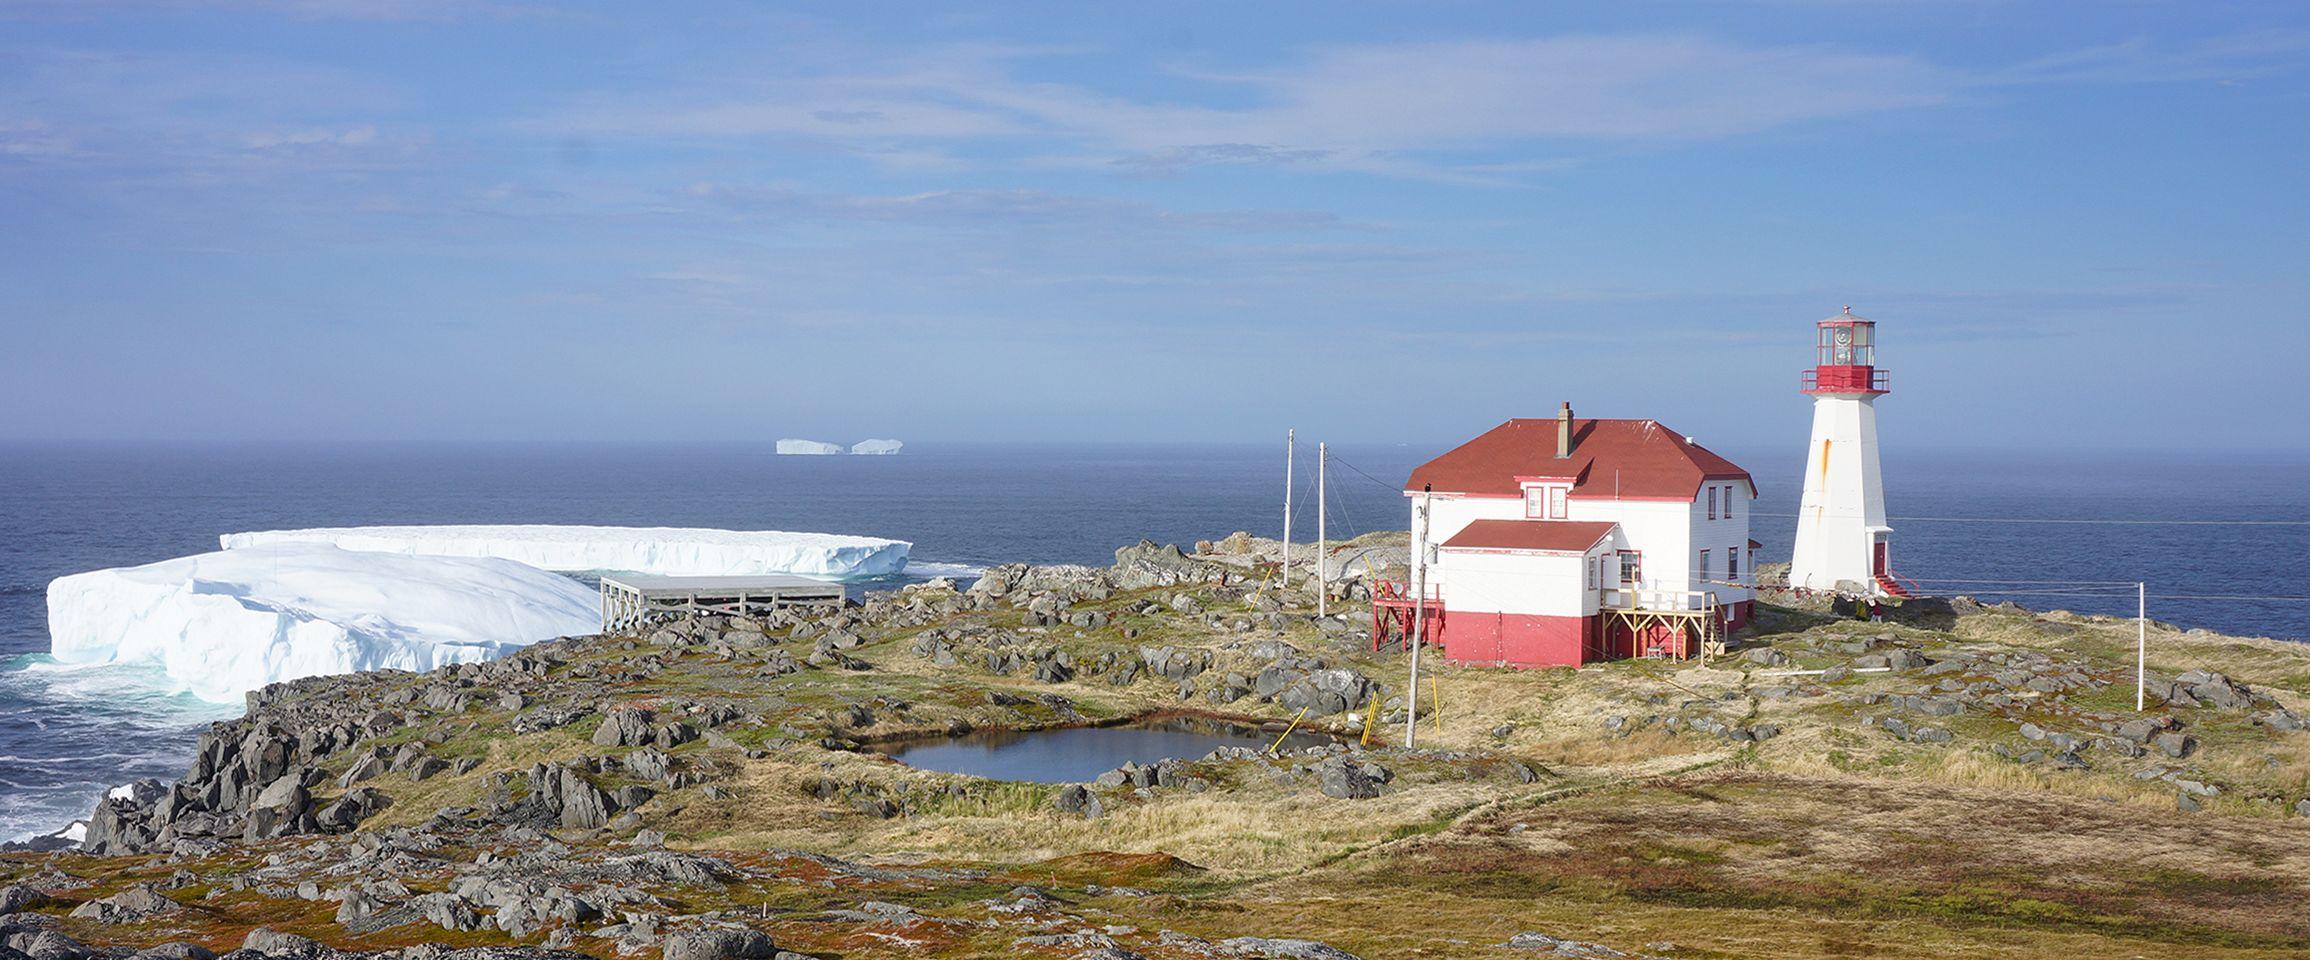 Lighthouse in Neufundland